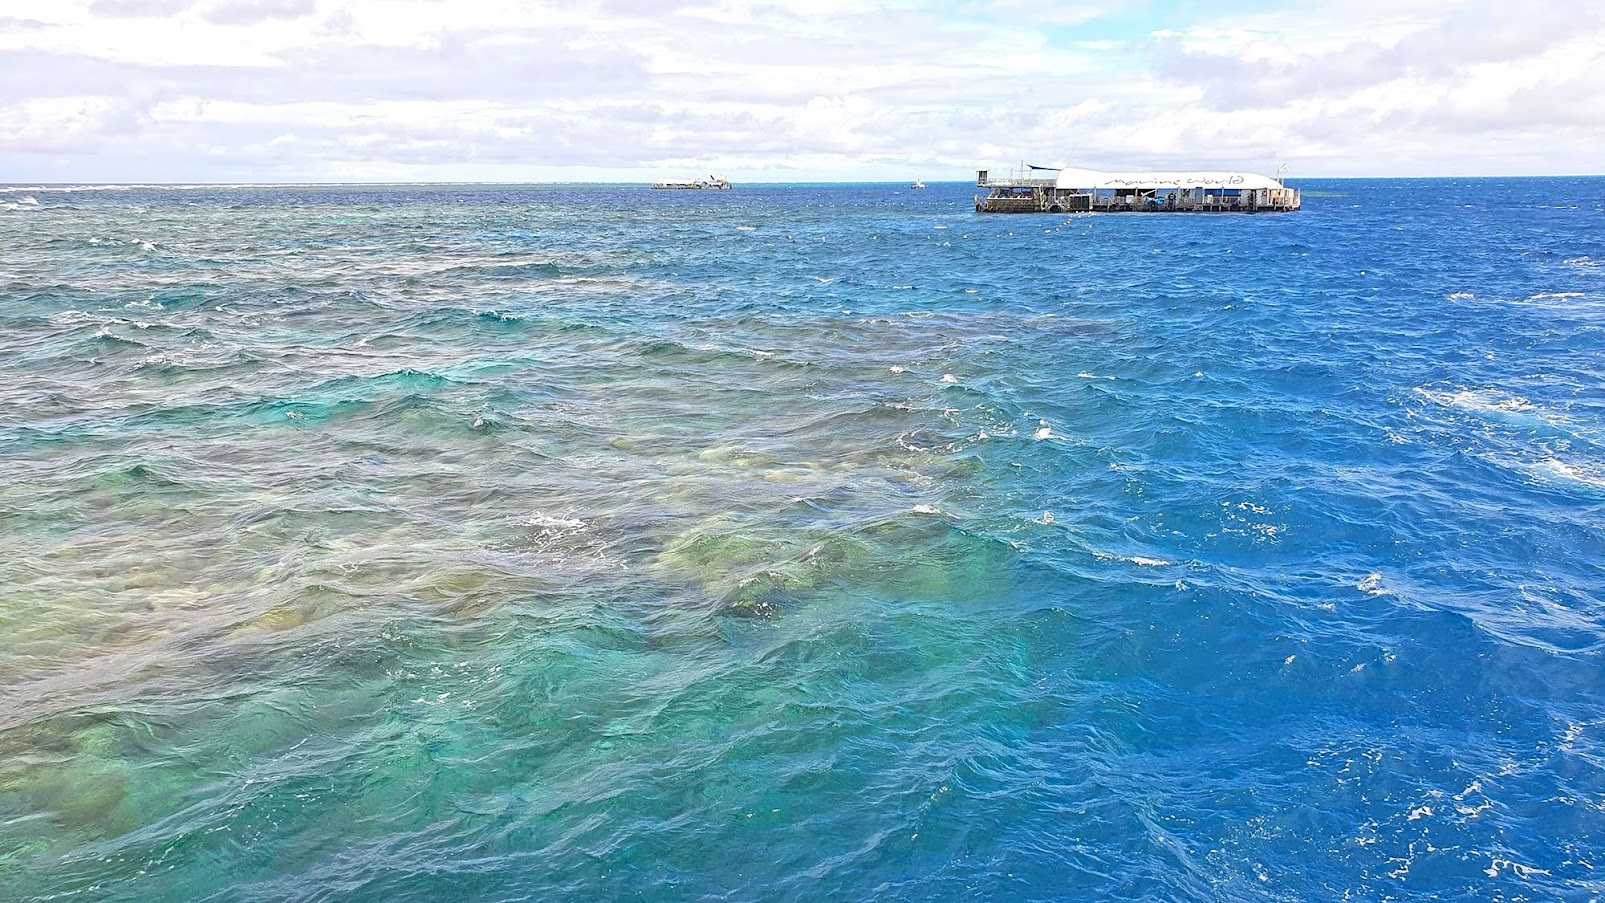 VISITAR CAIRNS | 50 Coisas para fazer quando visitar a Grande Barreira de Coral da Austrália